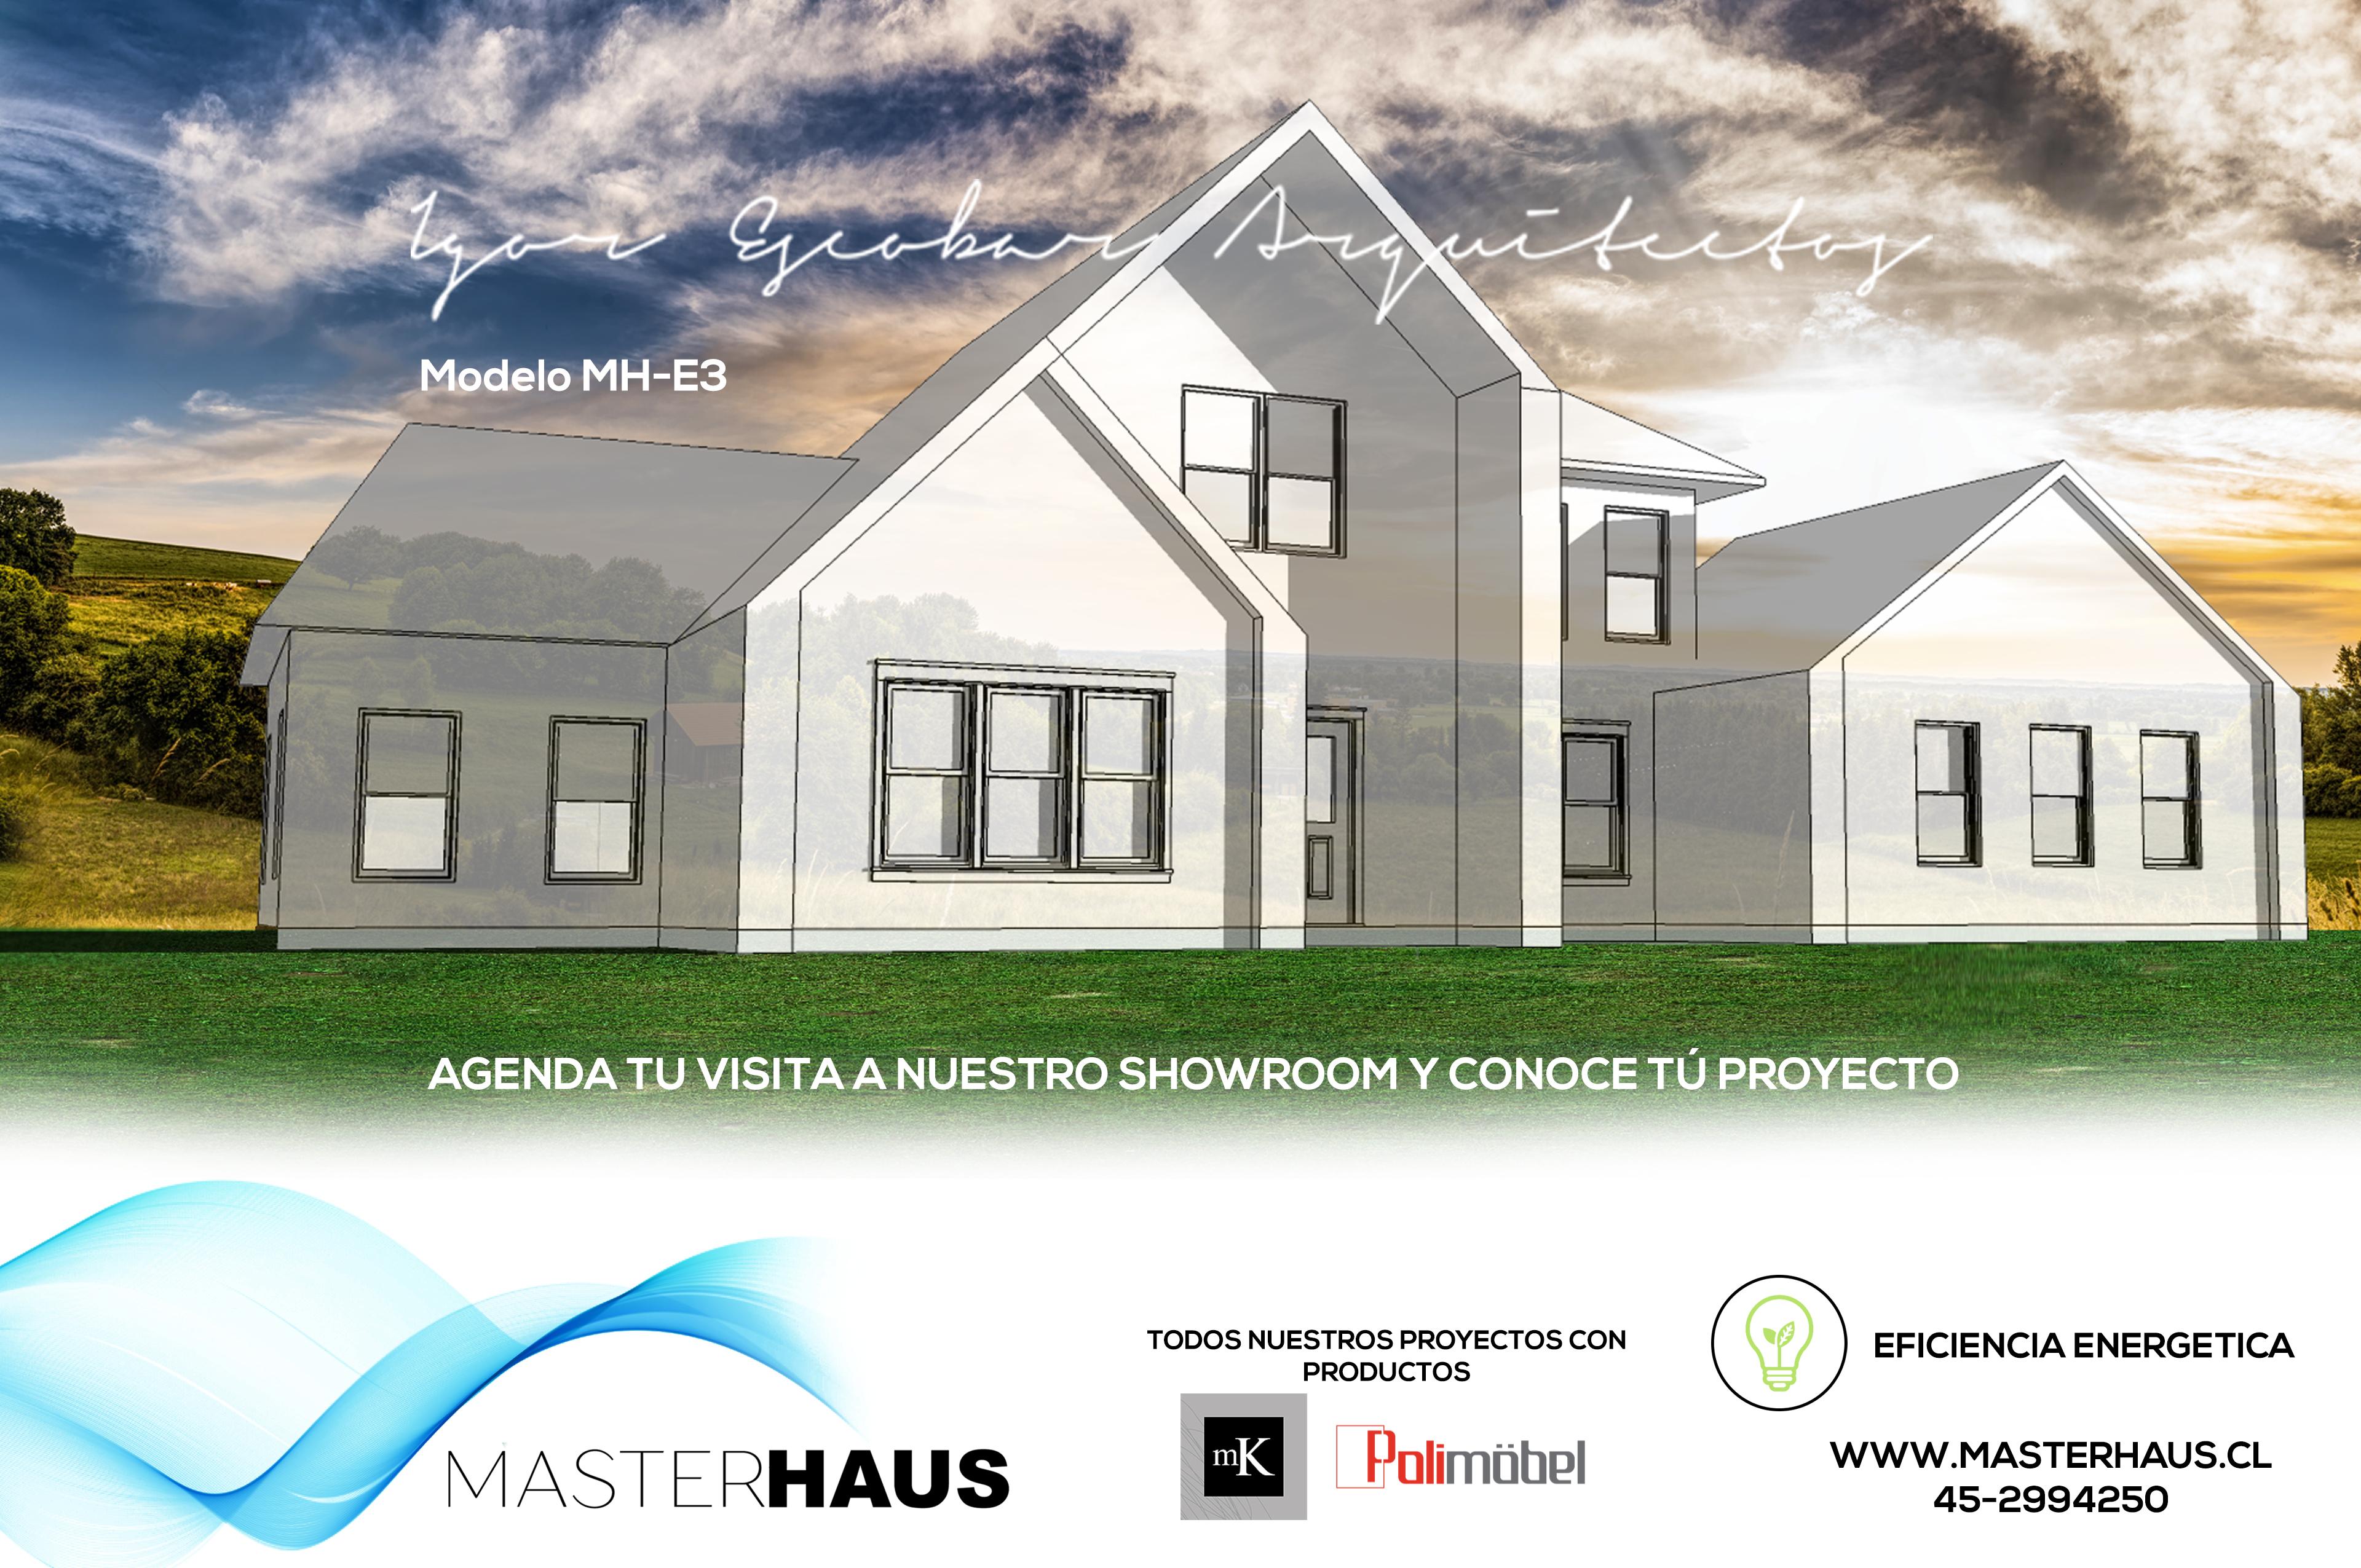 Masterhaus mod. MH-E3